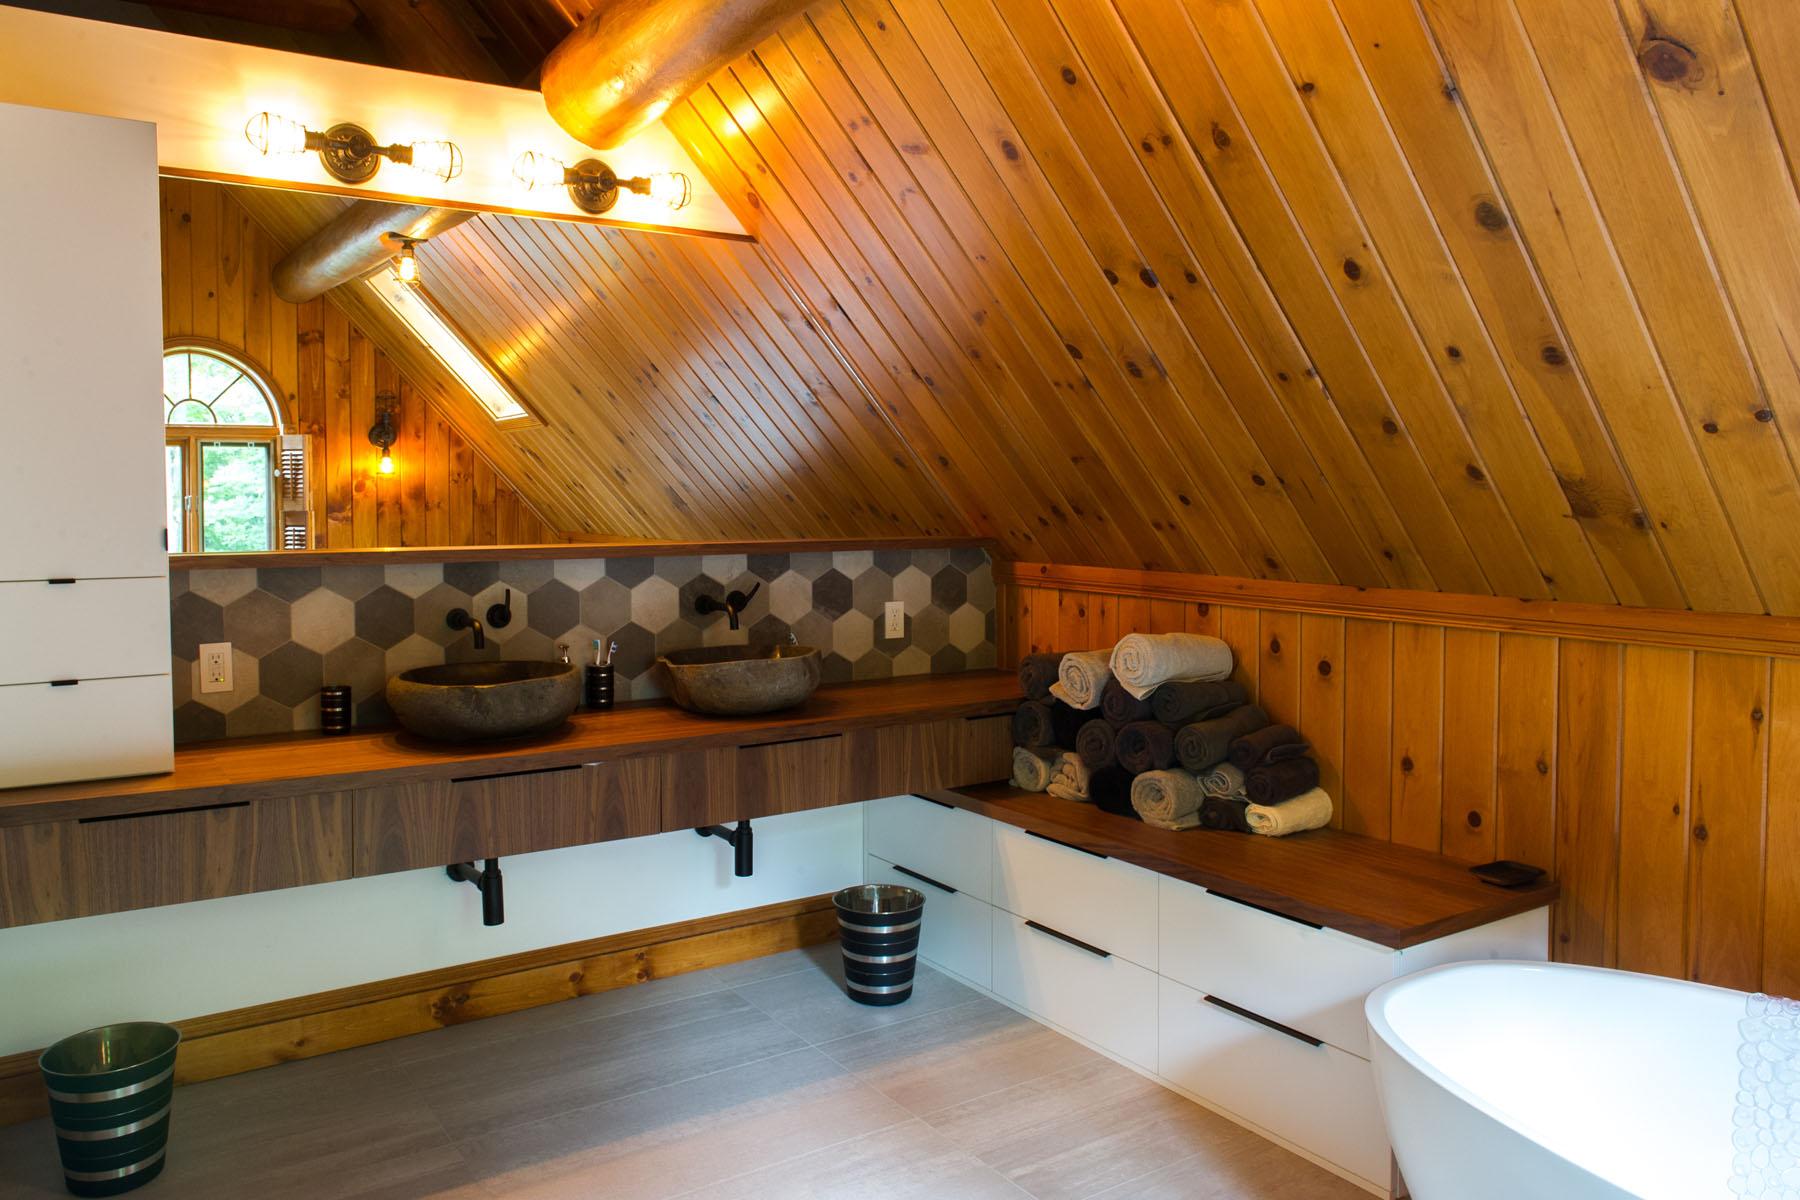 Rénovation maison bois rond bord de l\'eau | Kalla Cuisine Design